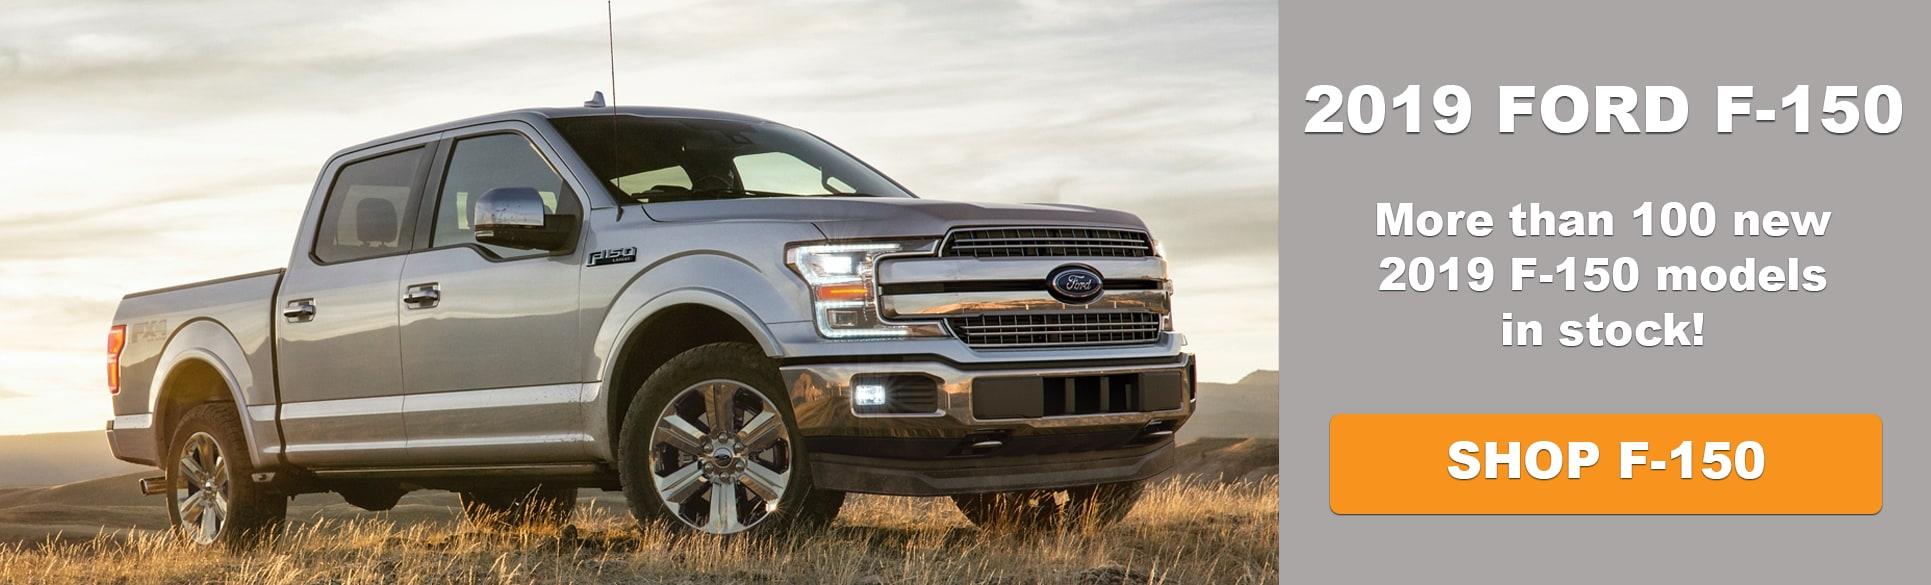 Larry H Miller Ford Lakewood >> Ford Dealership Denver | Larry H. Miller Ford Lakewood